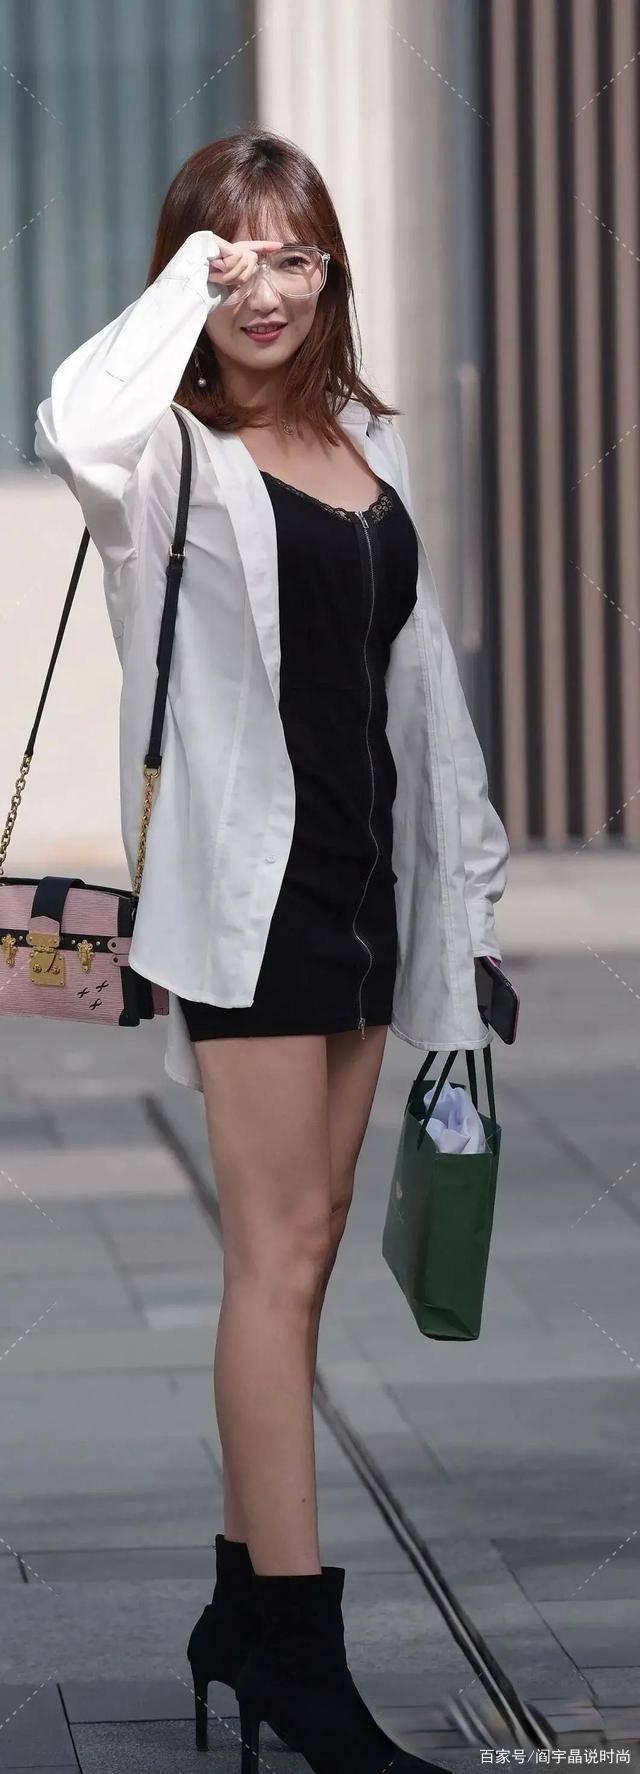 风格简约的连衣裙穿出优雅高贵的气质,勾勒出曼妙身材,青春阳光